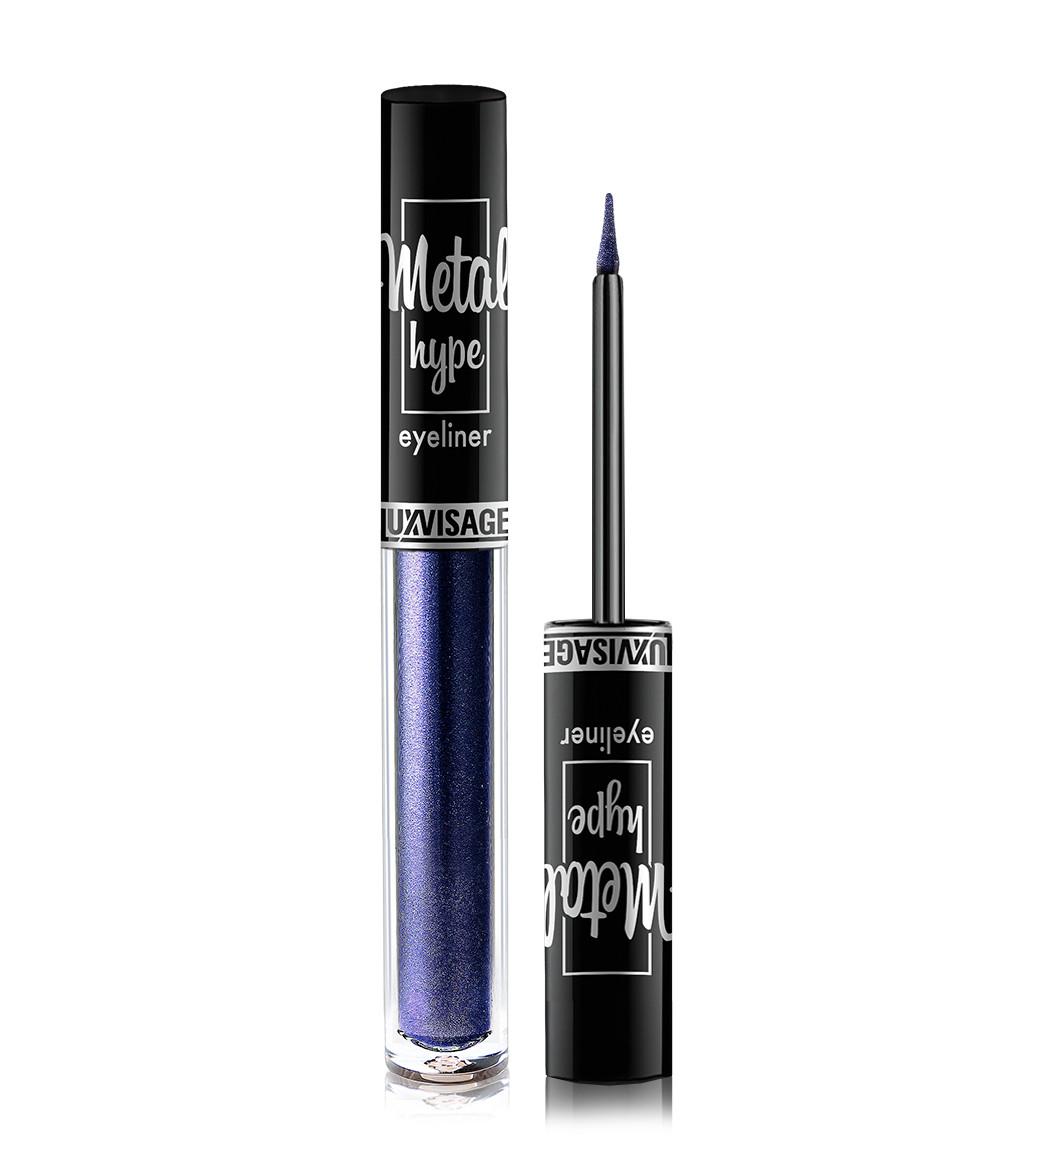 Цветная подводка для глаз Luxvisage Metal Hype Eyeliner №03 Sapphire blue